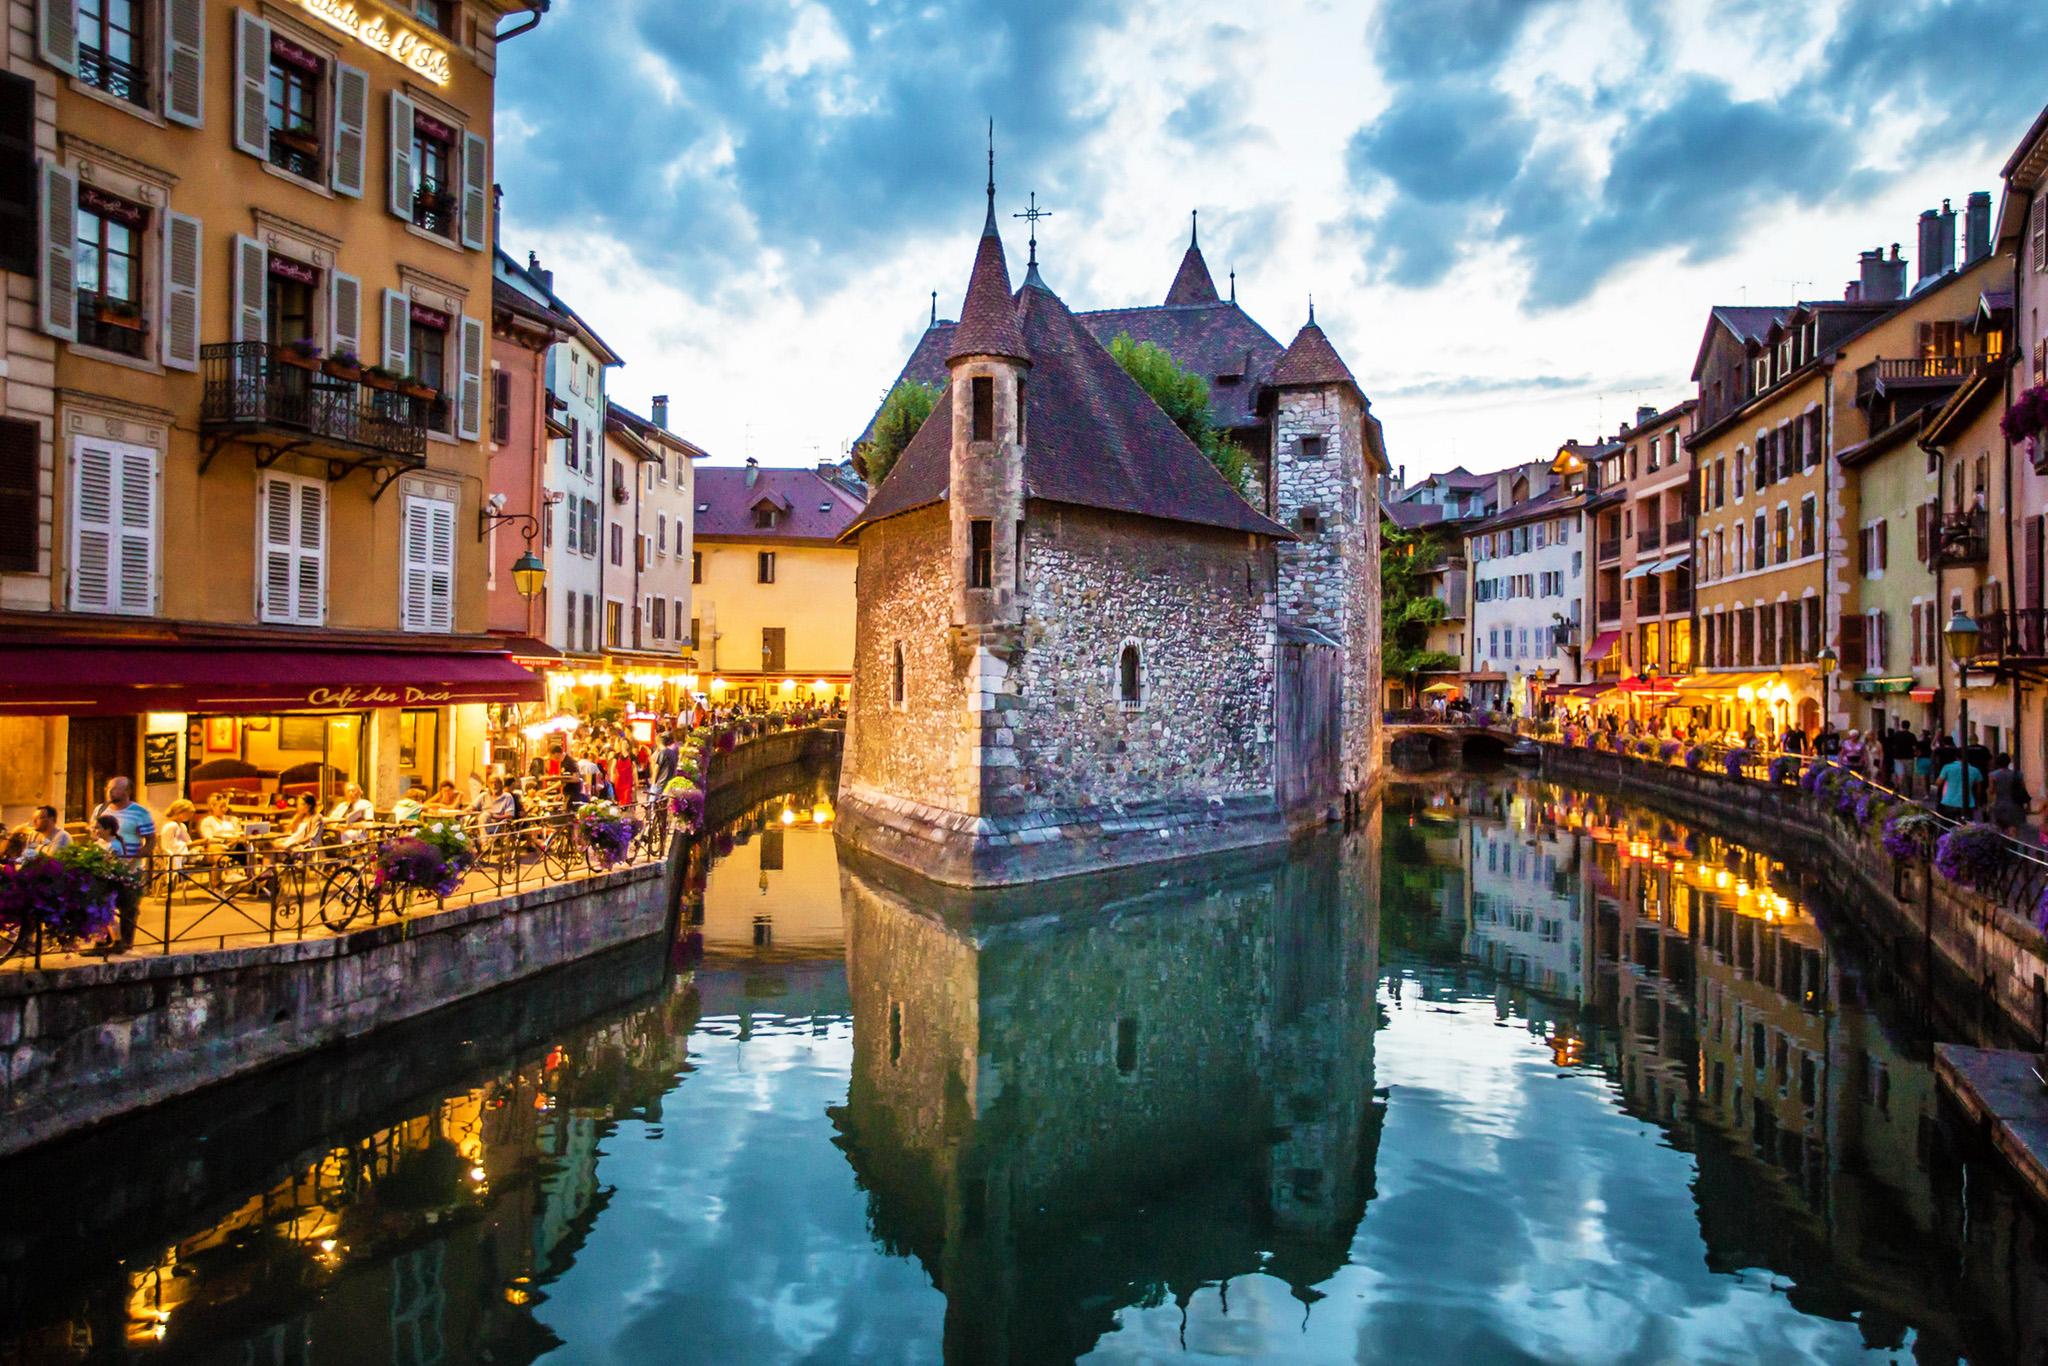 kt_2020_370_Keytours_excursions_Swisstours_annecy_palais_de_l'île1_2048_10